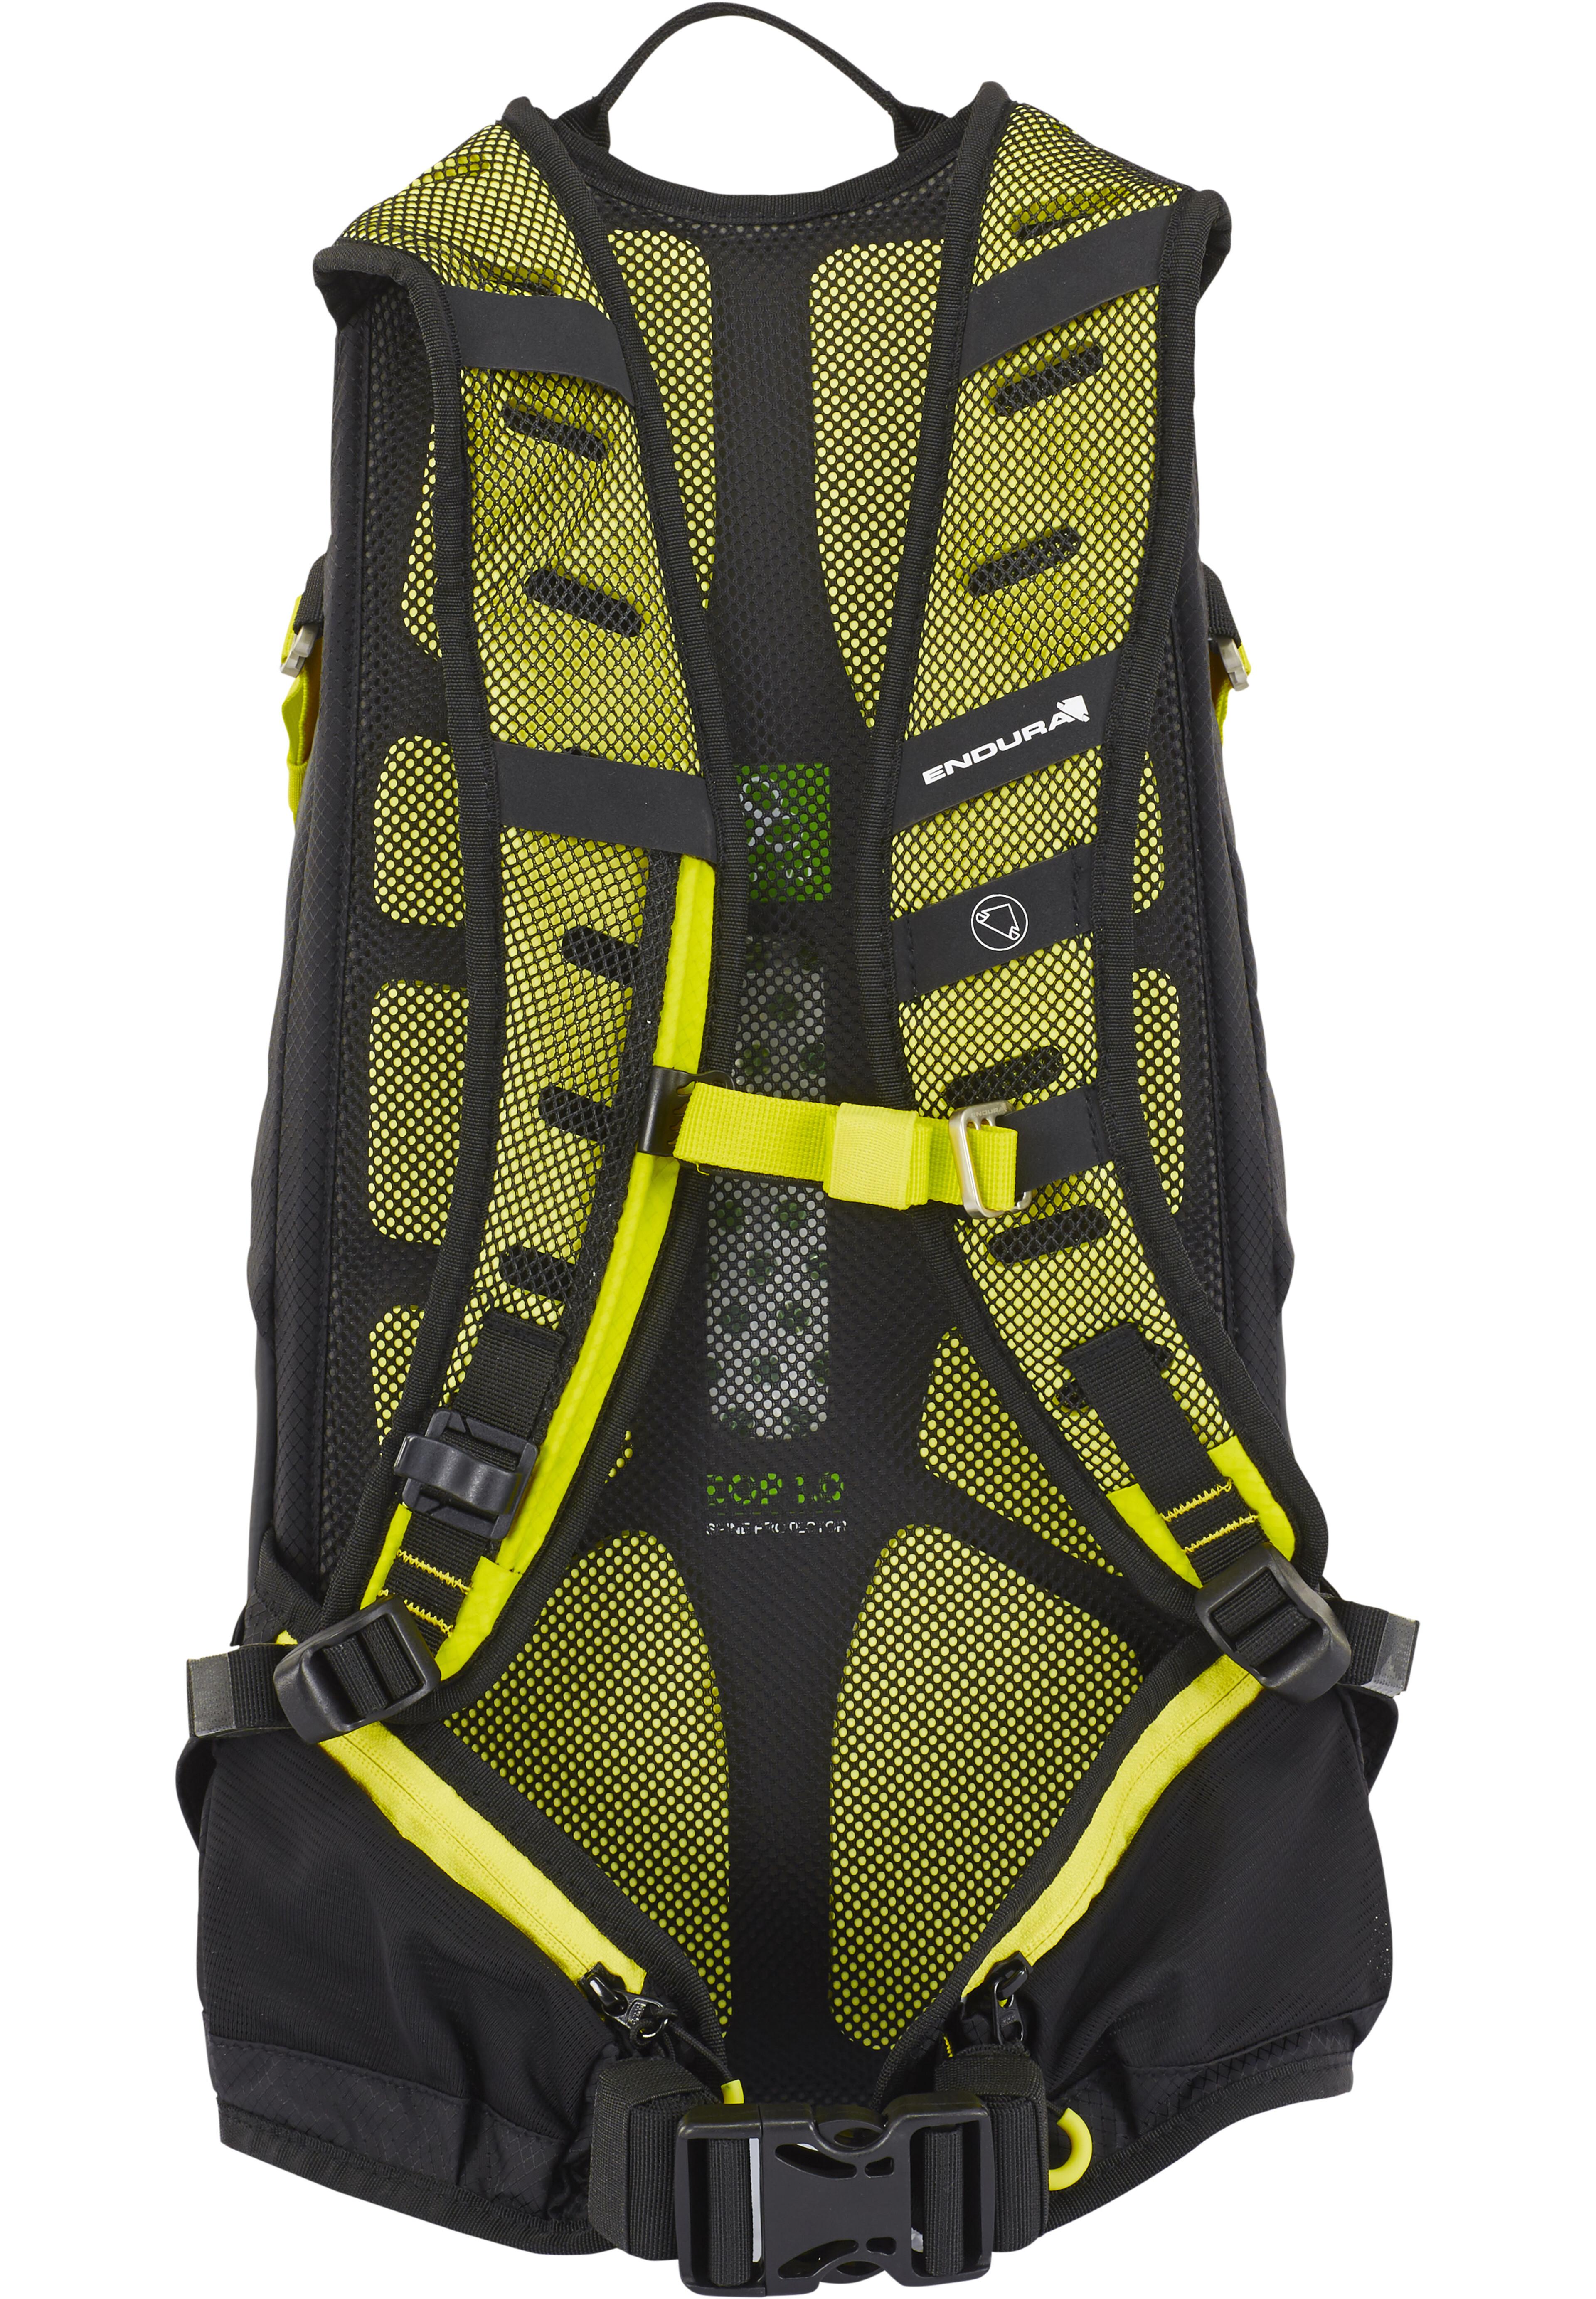 ec3e4a0d9f2 Endura MT500 Enduro fietsrugzak 15l geel/zwart I Eenvoudig online ...